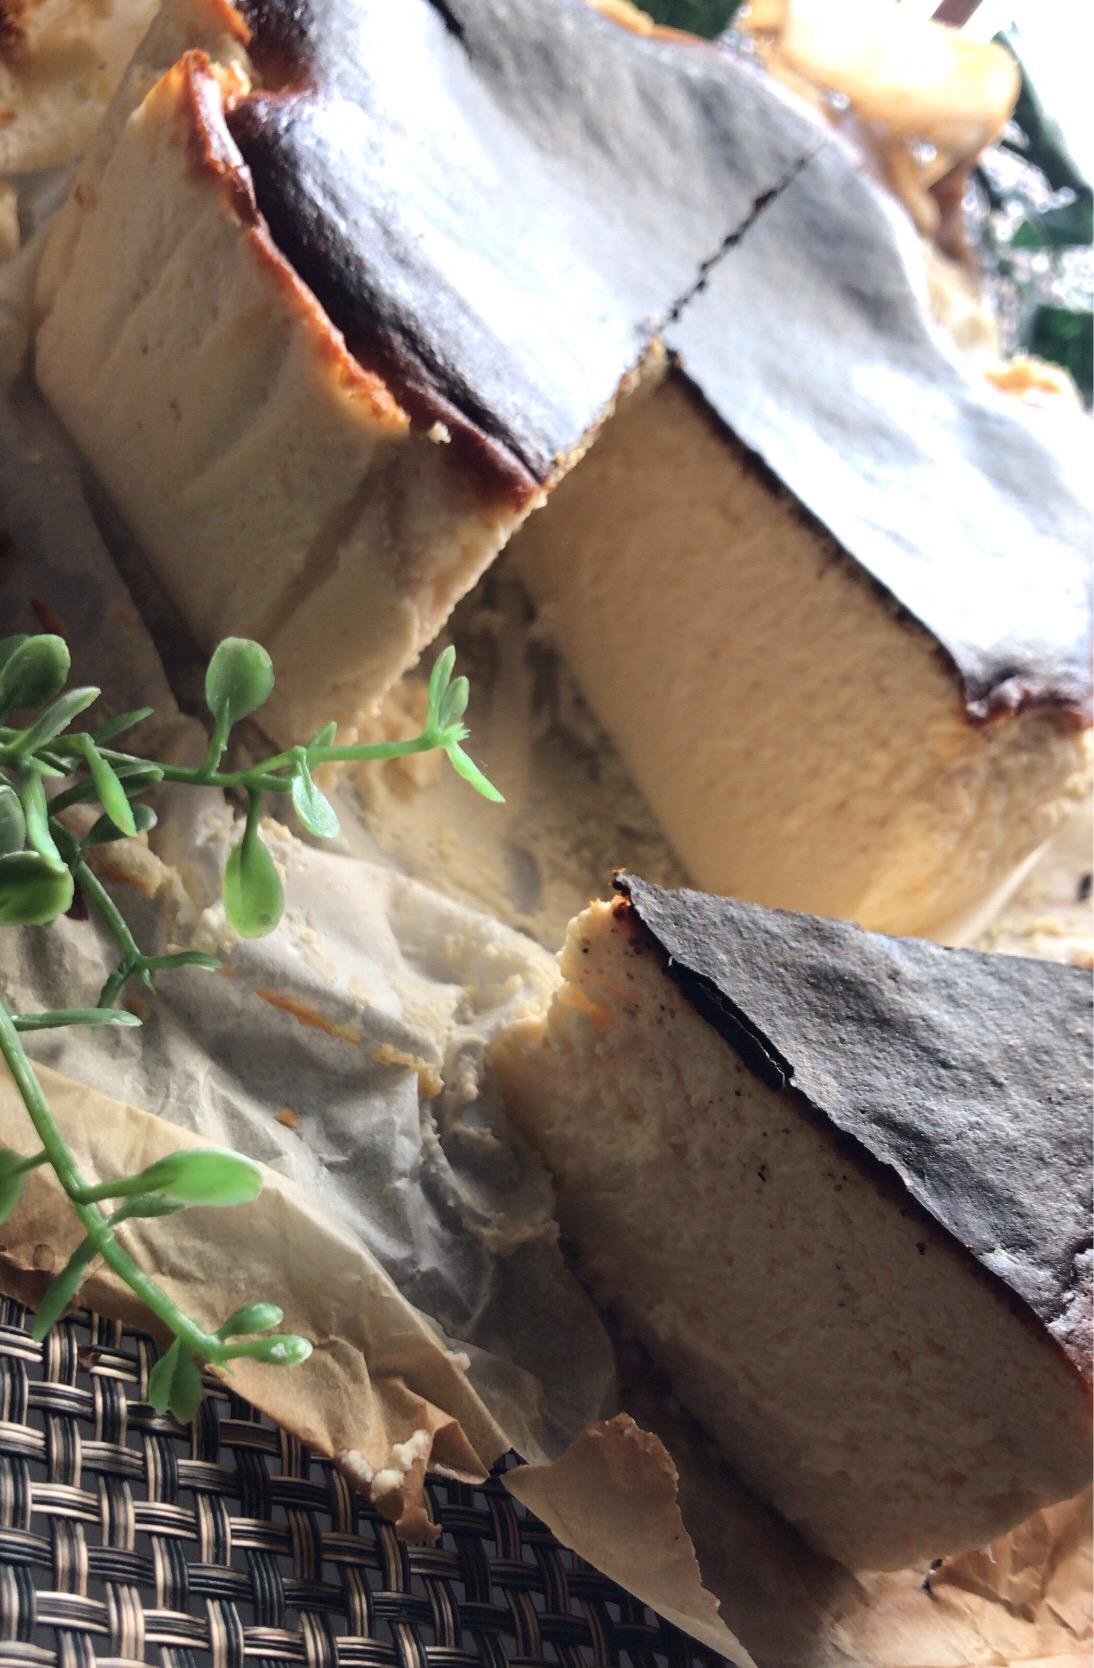 バスクチーズケーキ Instagramの momochannnnnel さんのレシピ チーズケーキ